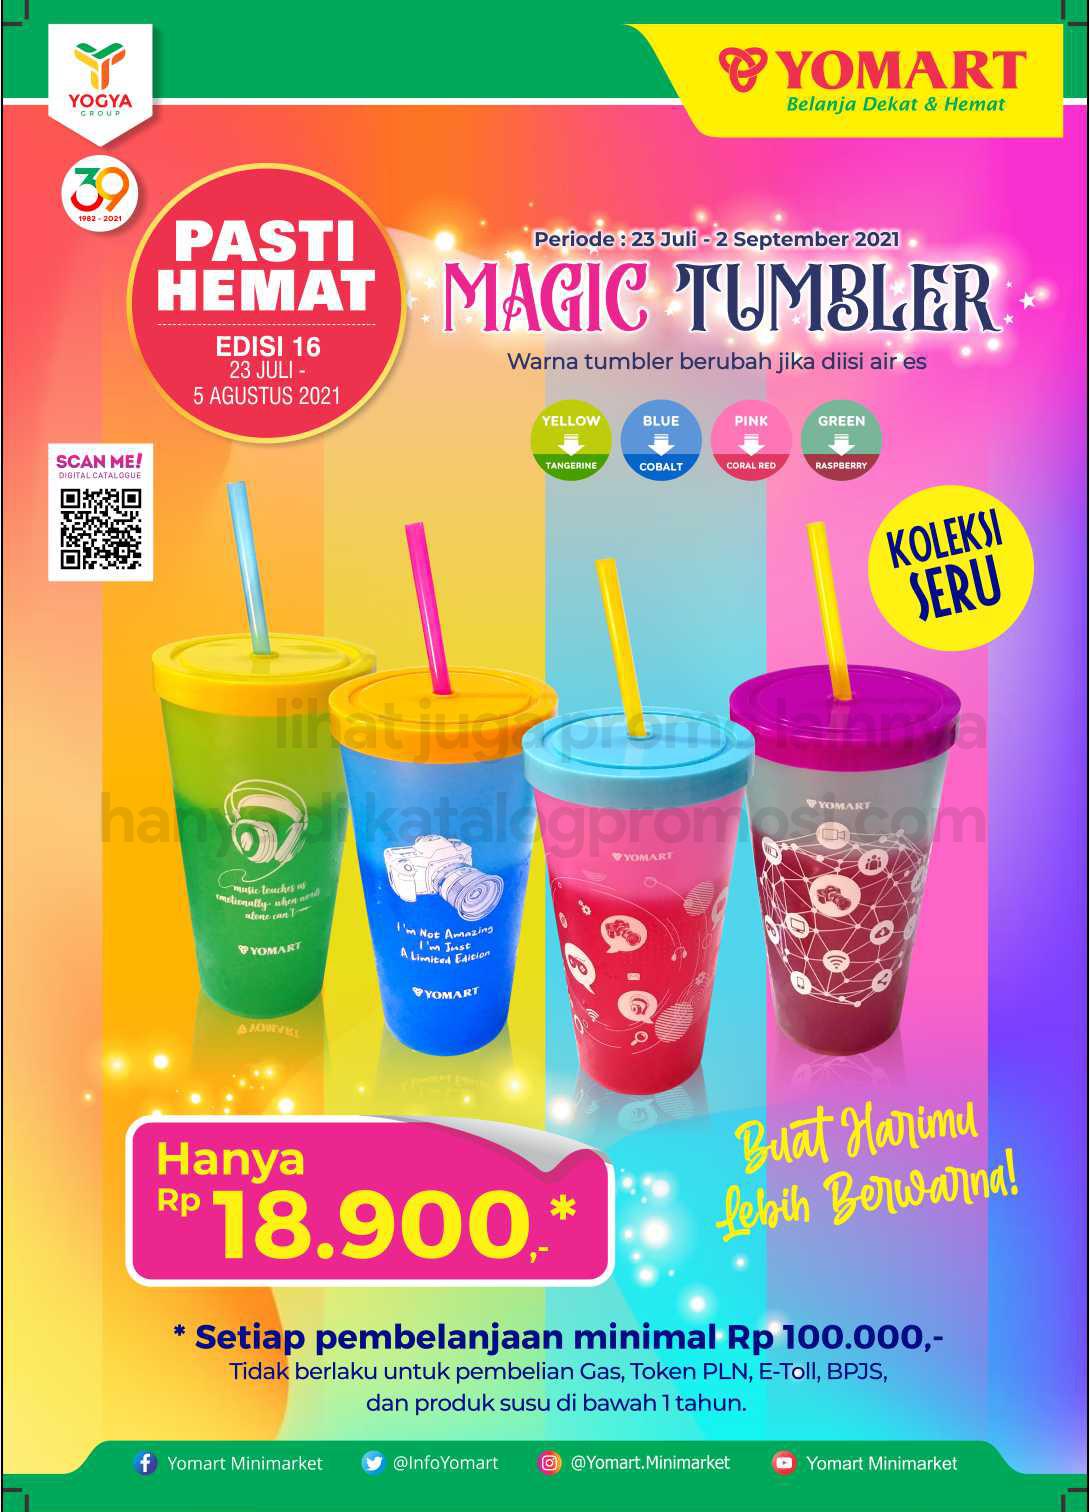 Katalog Yomart Minimarket Promo Mingguan periode 23 Juli - 05 Agustus 2021